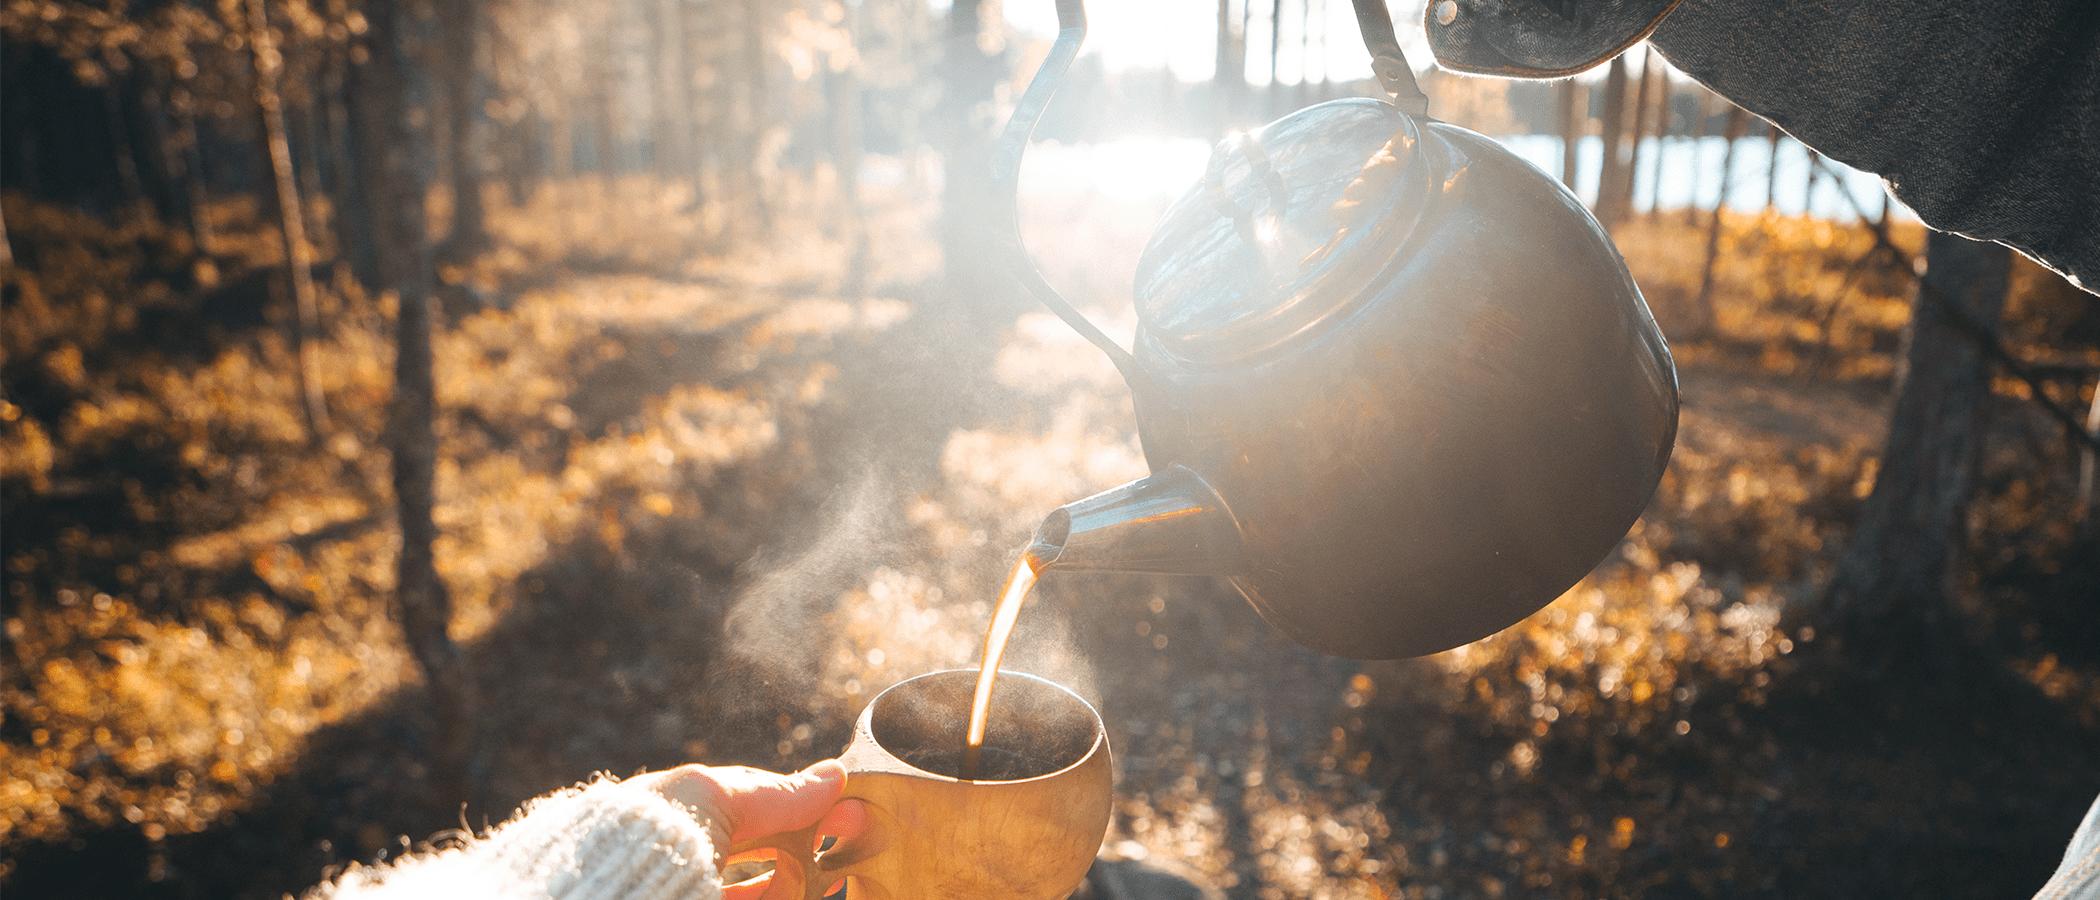 Kahvia kaadetaan kuppiin luonnossa